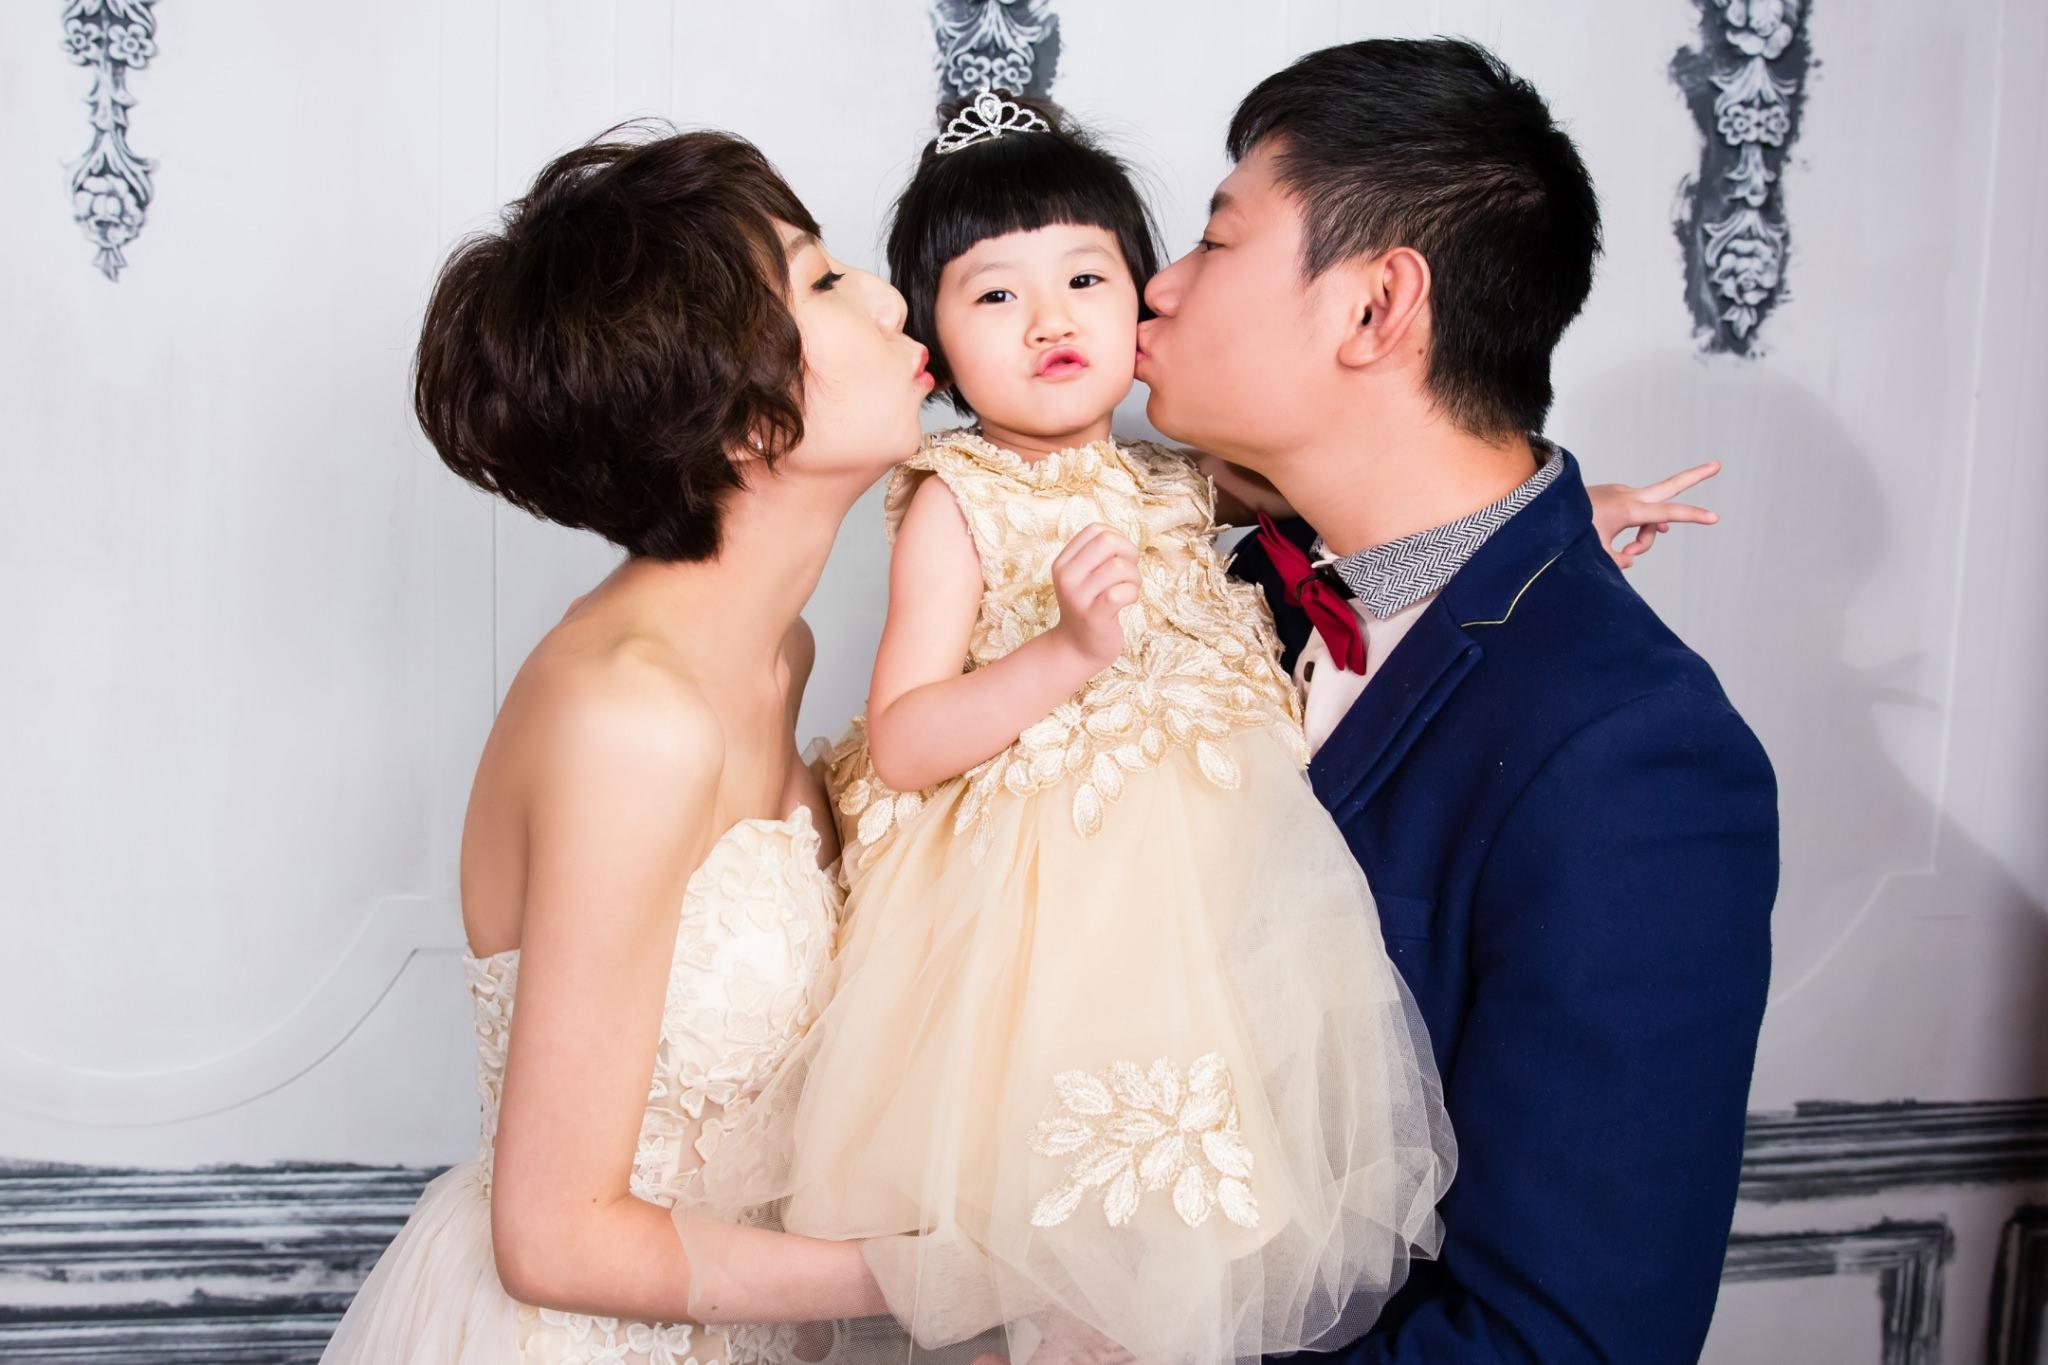 [親子攝影]帶著小娃輕鬆拍親子全家福-班尼頓兒童攝影